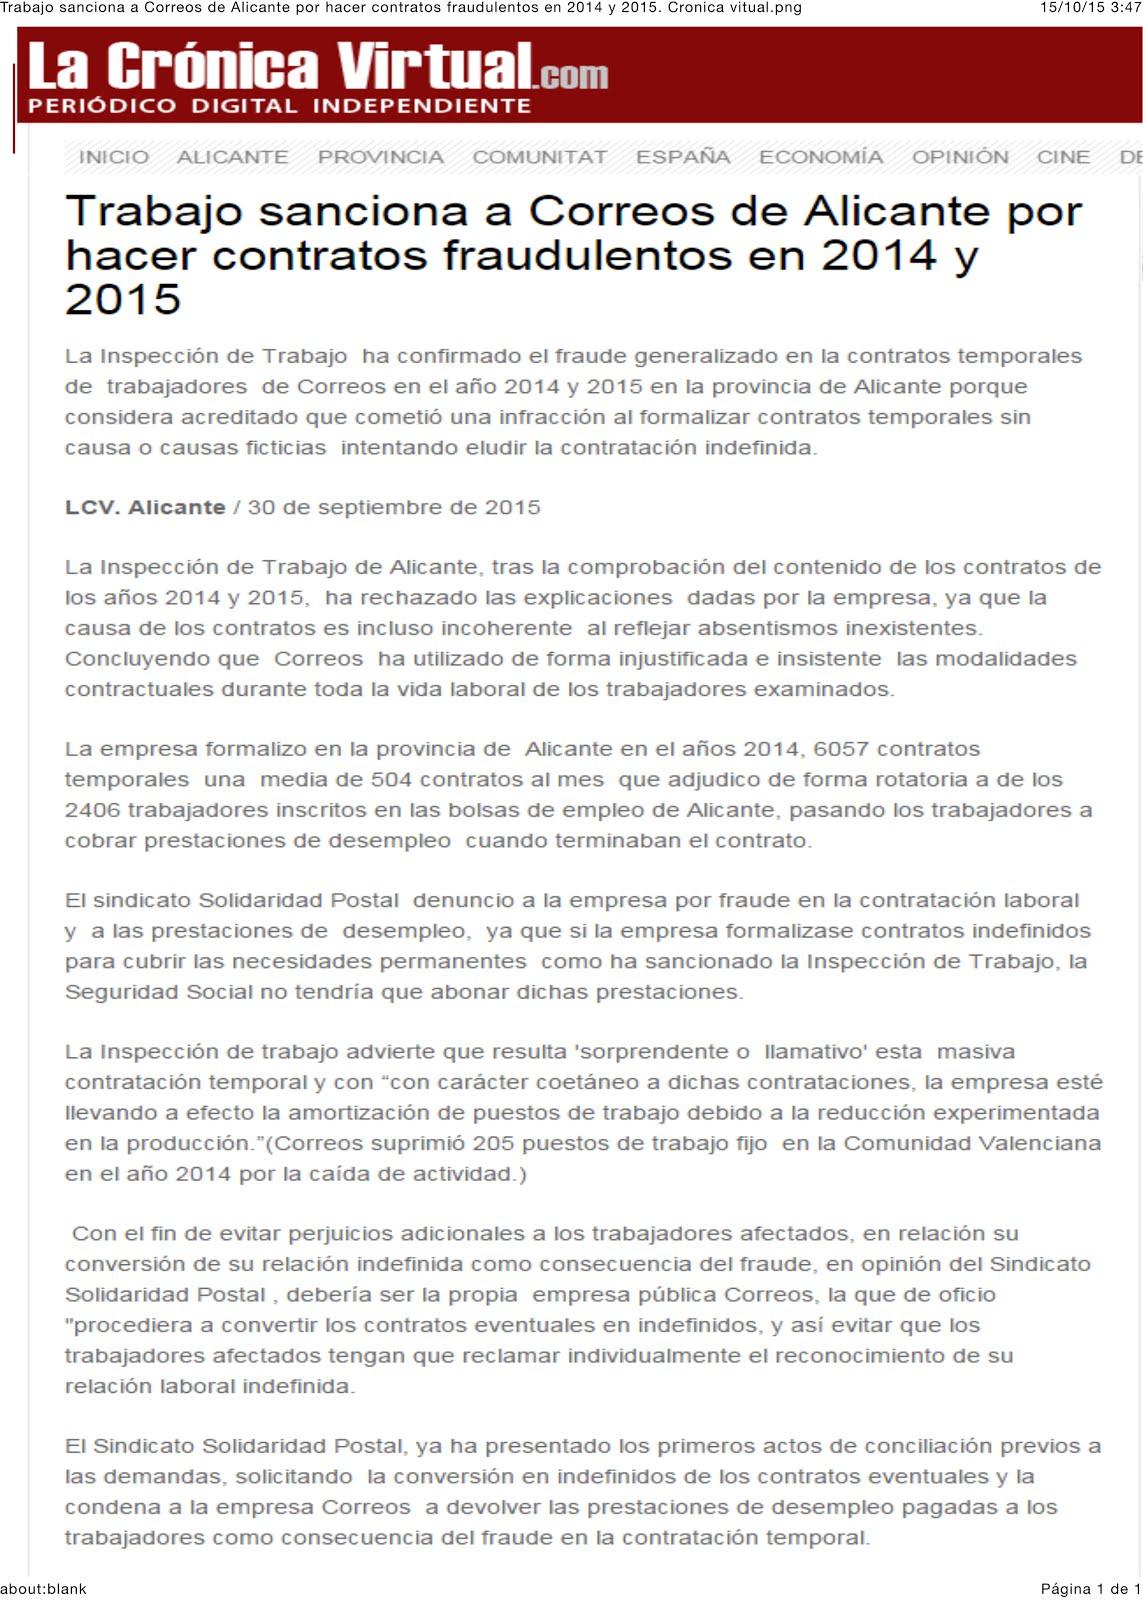 30092015-PRENSA-Trabajo sanciona a Correos por hacer contratos fraudulentos en 2014 y 2015.